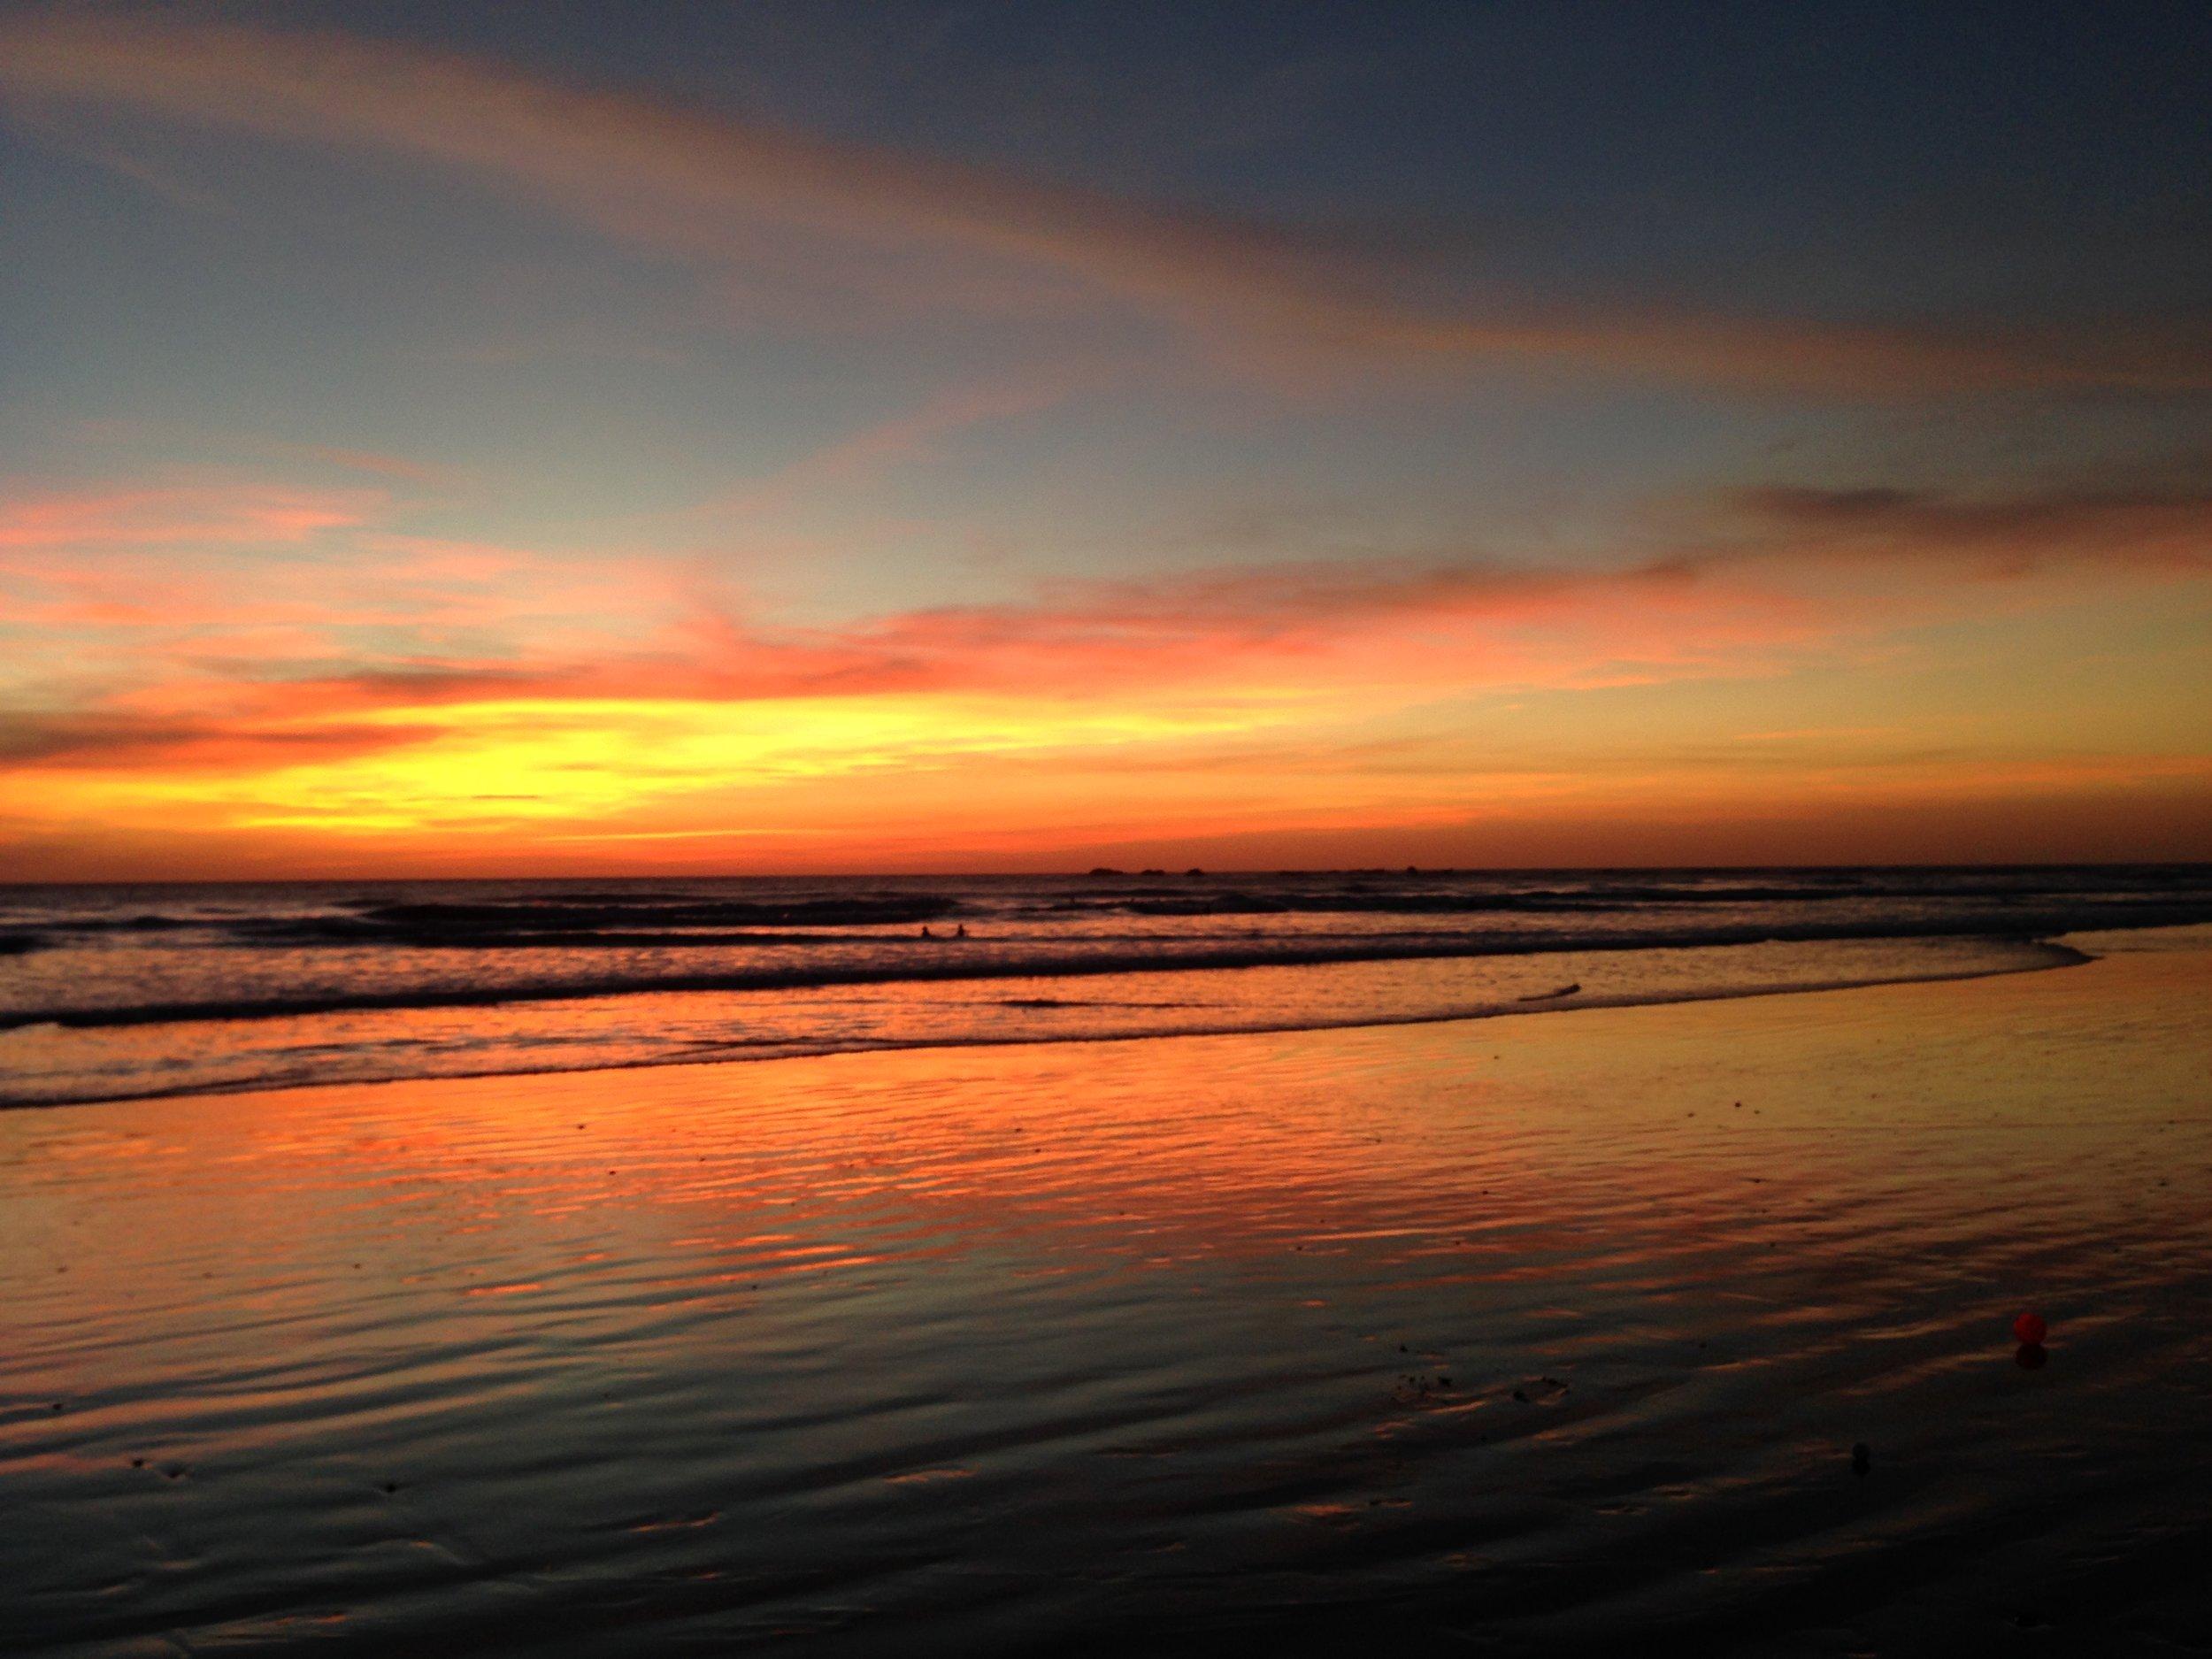 あぁー、何と言っても太平洋に沈む太陽を拝むサンセット・タイムが、心の栄養源だった。これが一日のシメで、あとは家に帰って夕飯を食べて、そして午後8時に寝る、、、という、そんなとても健康的でシンプルな生活。満月の夜に、数々のトリップをしたのも、最高の思い出。